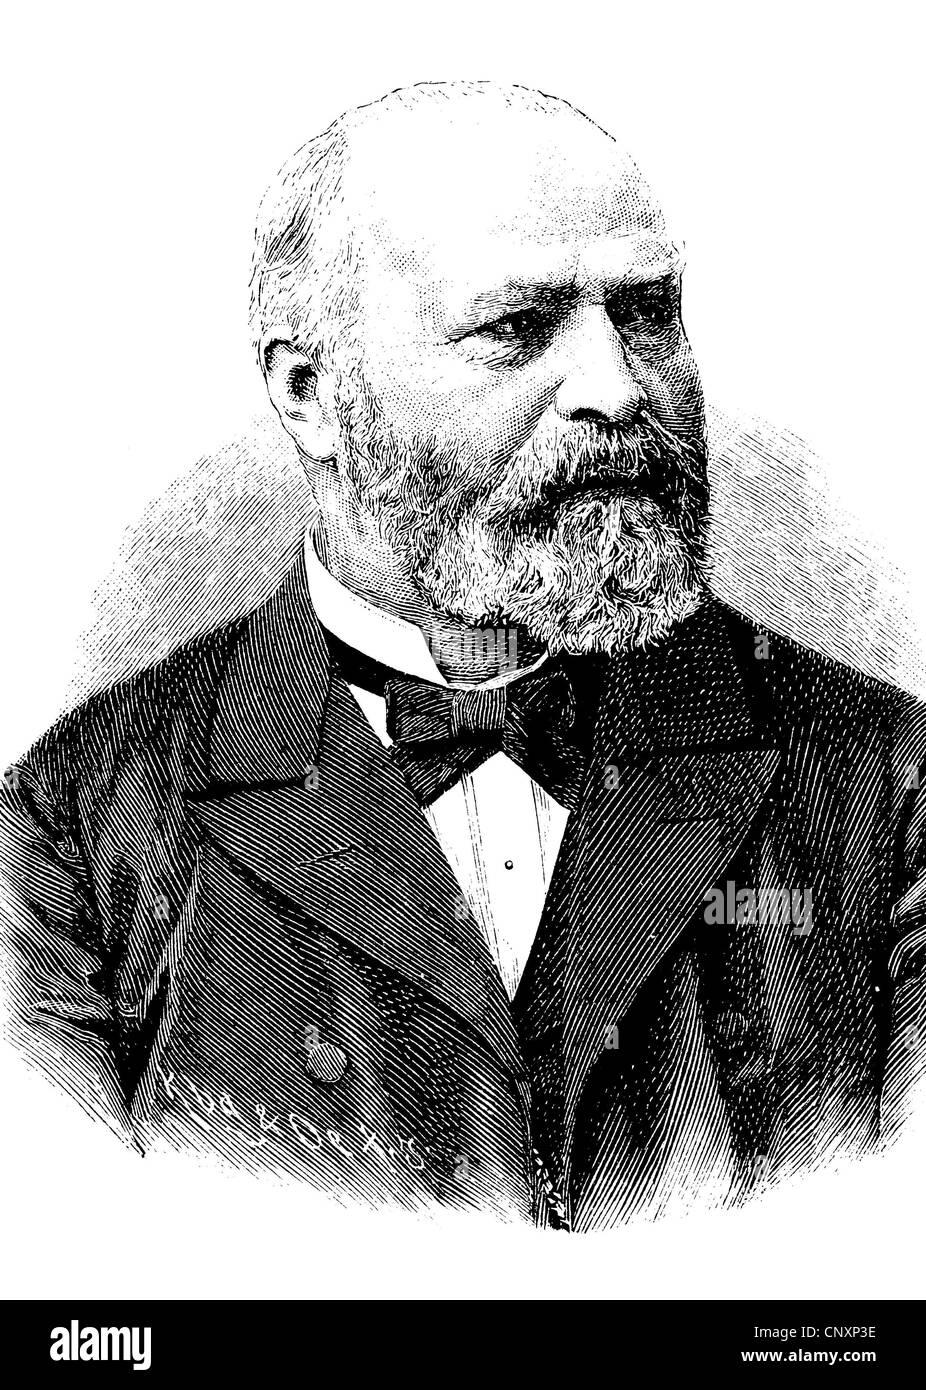 Johann Bernhard Aloys Gudden, since 1875, Ritter von Gudden, 1824 - 1886, a German physician, historical engraving, - Stock Image